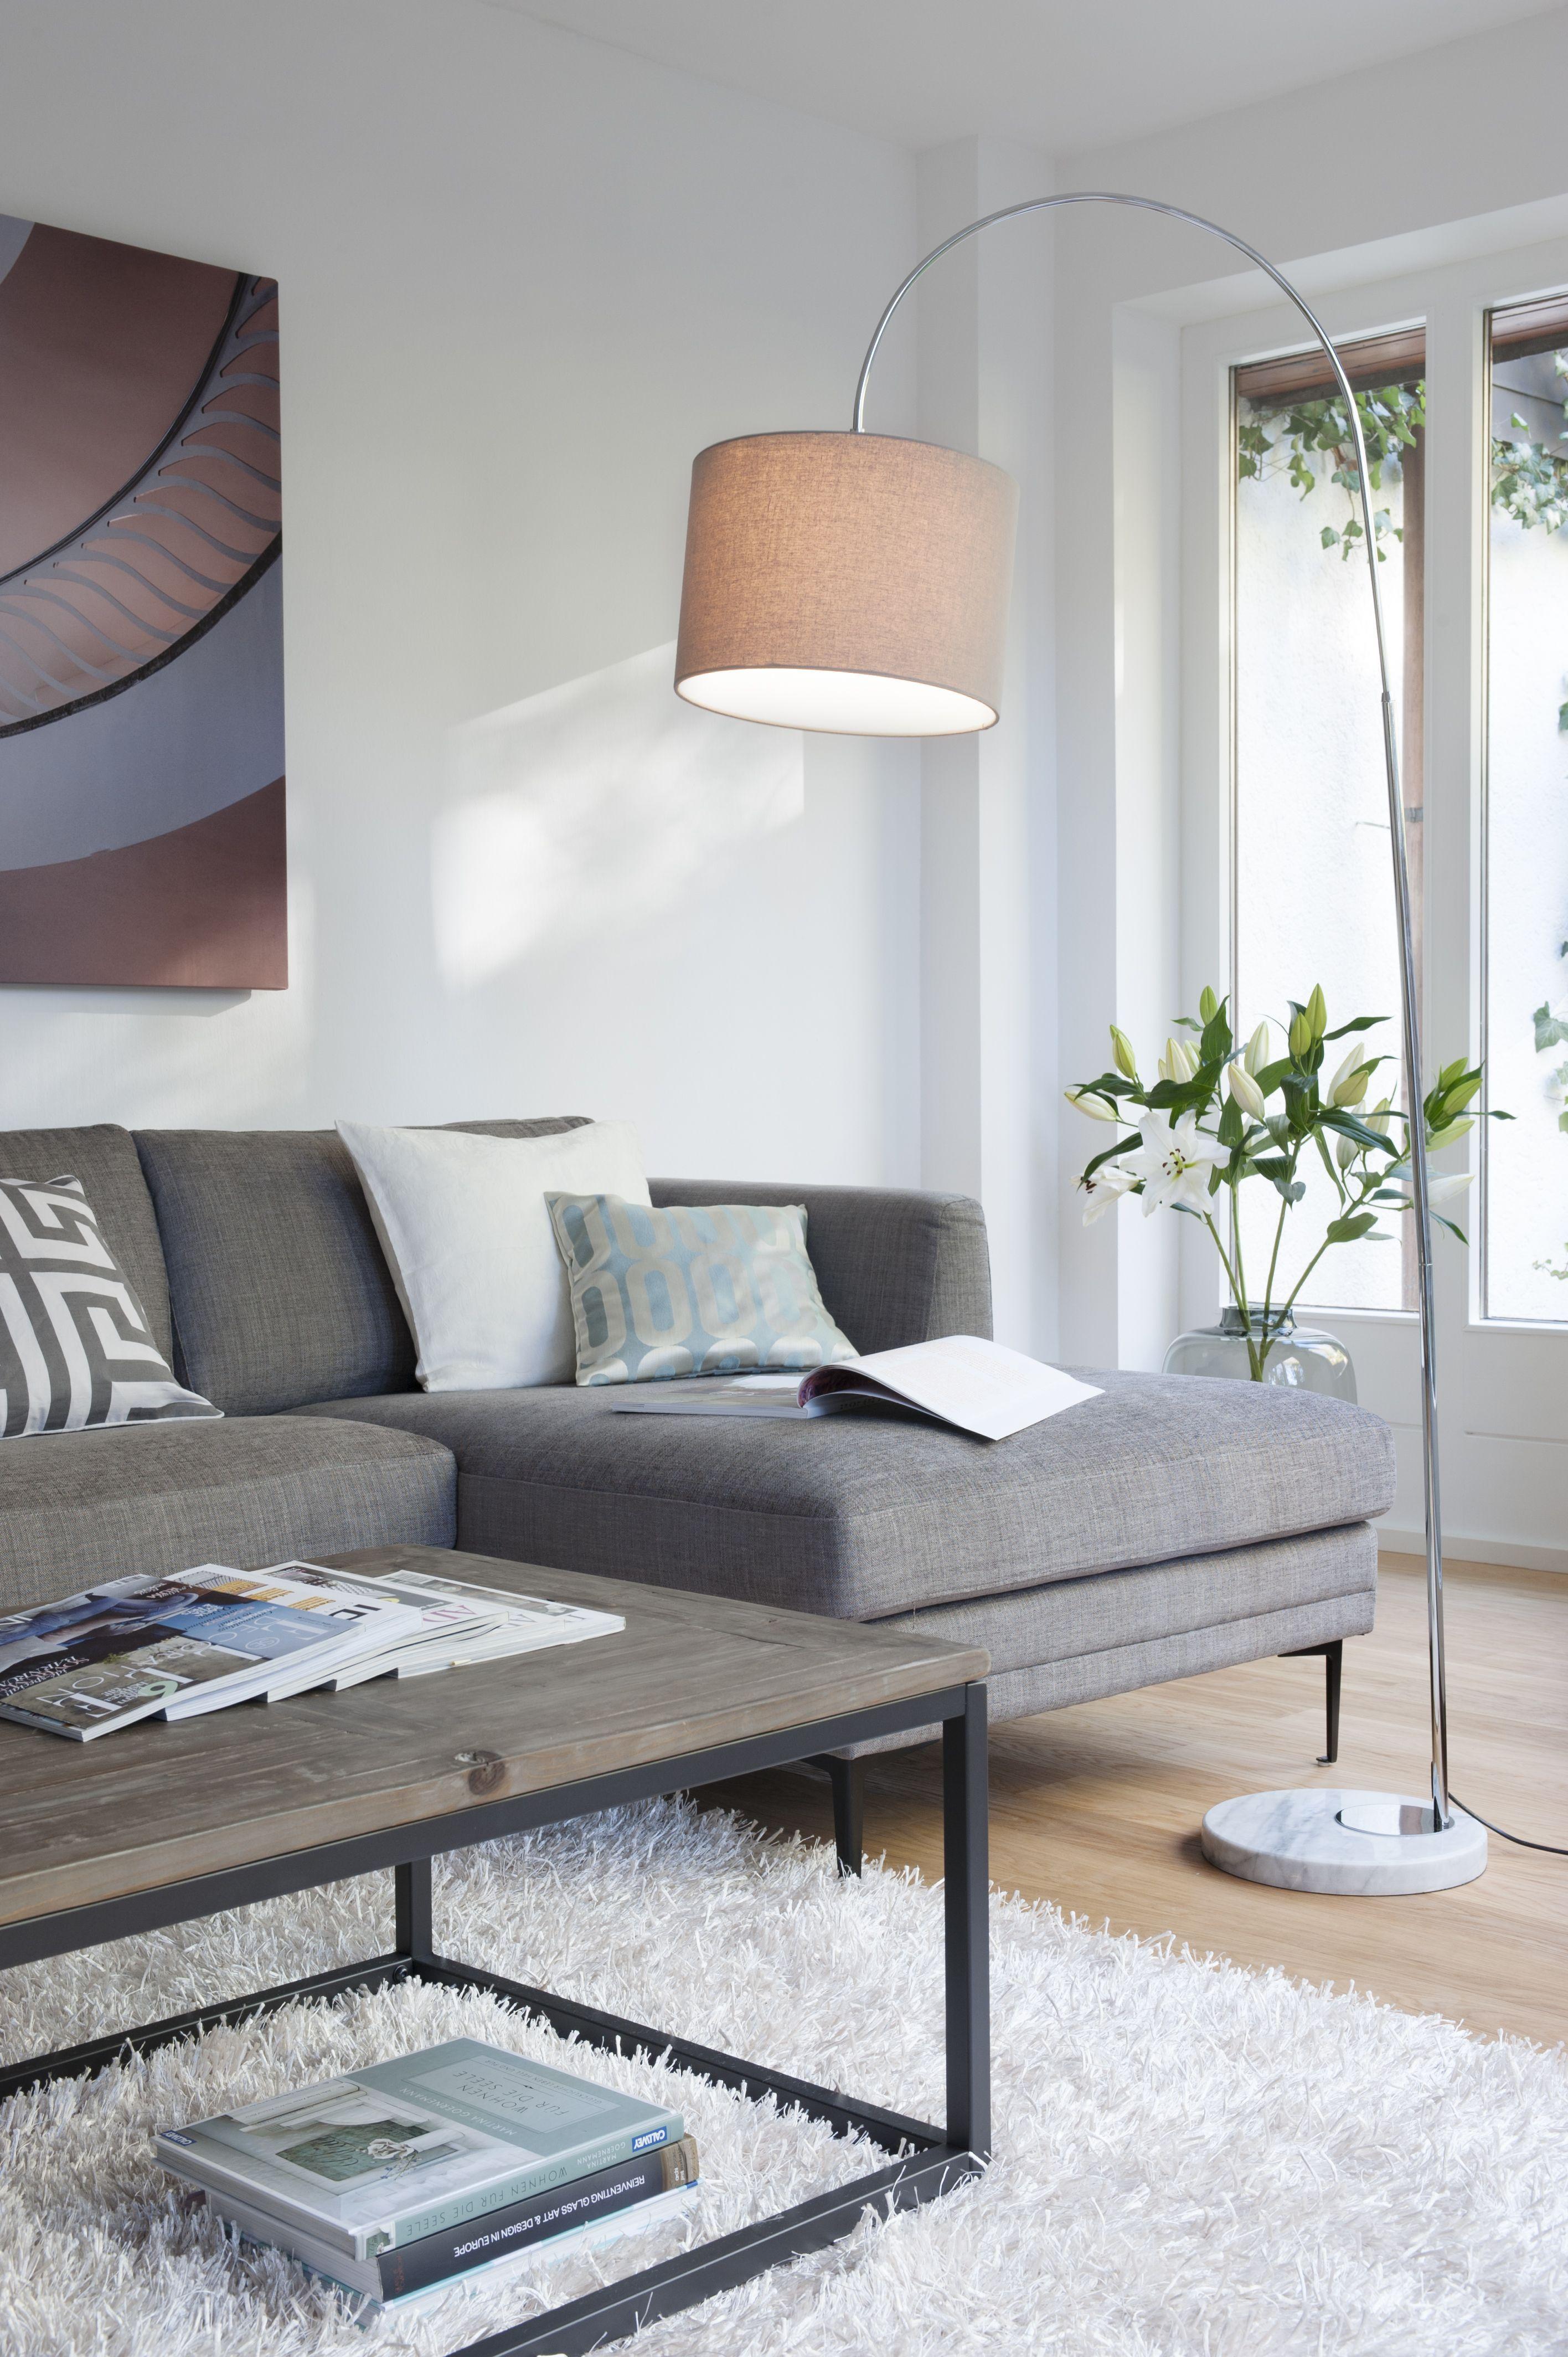 Teppich Wohnzimmer Unterm Sofa Dekoideen Bad Selber Machen